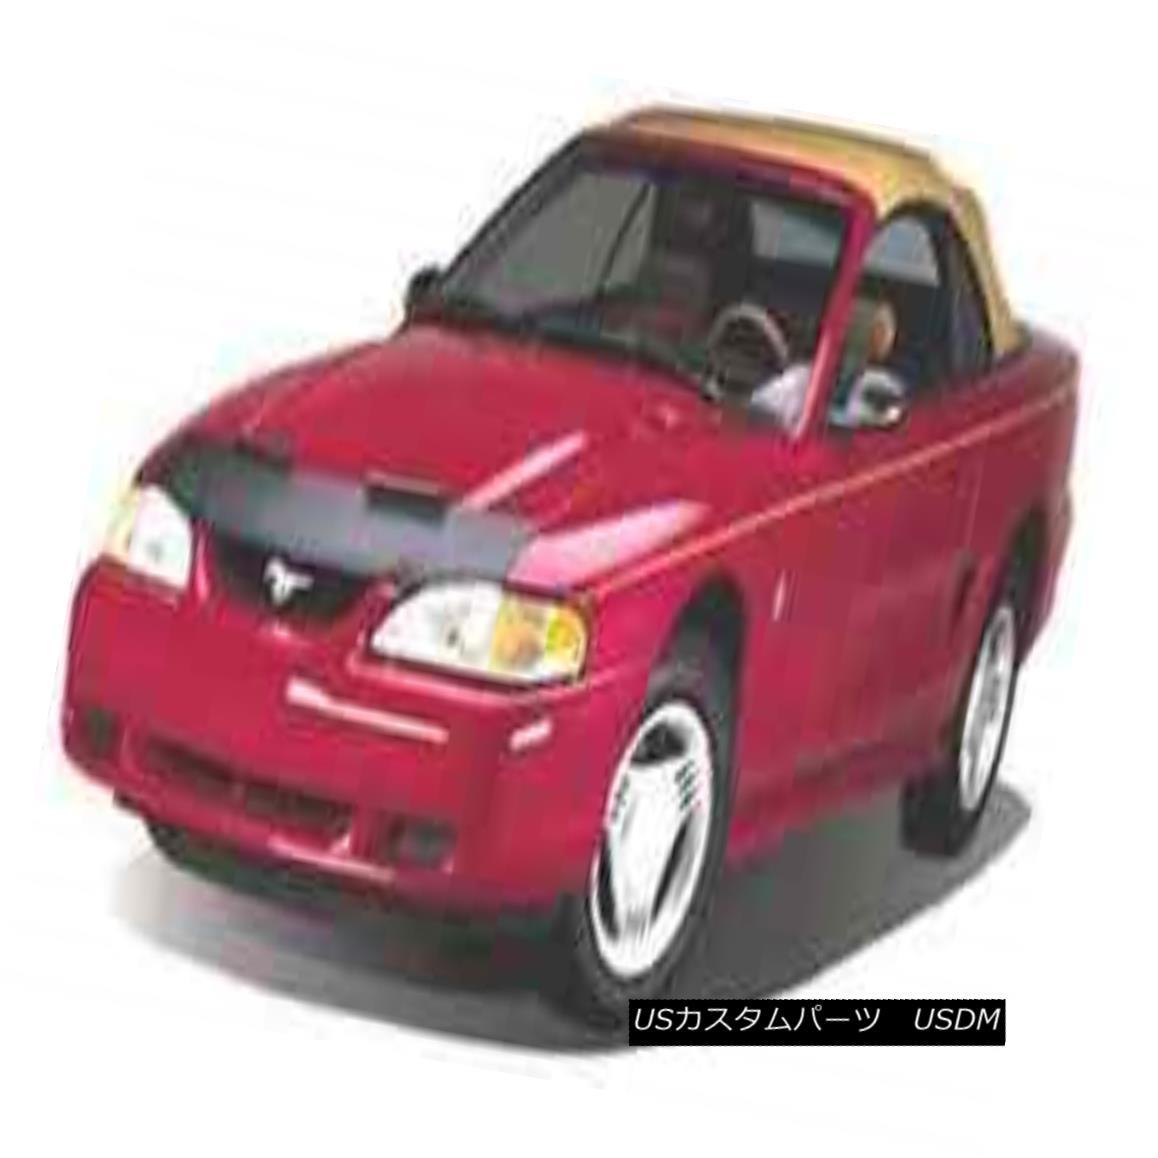 フルブラ ノーズブラ Mini Mask Bra Hood cover Fits 1990 1991 1992 1993 Honda Accord ミニマスクブラジャーフードカバーフィット1990 1991 1992 1993 Honda Accord